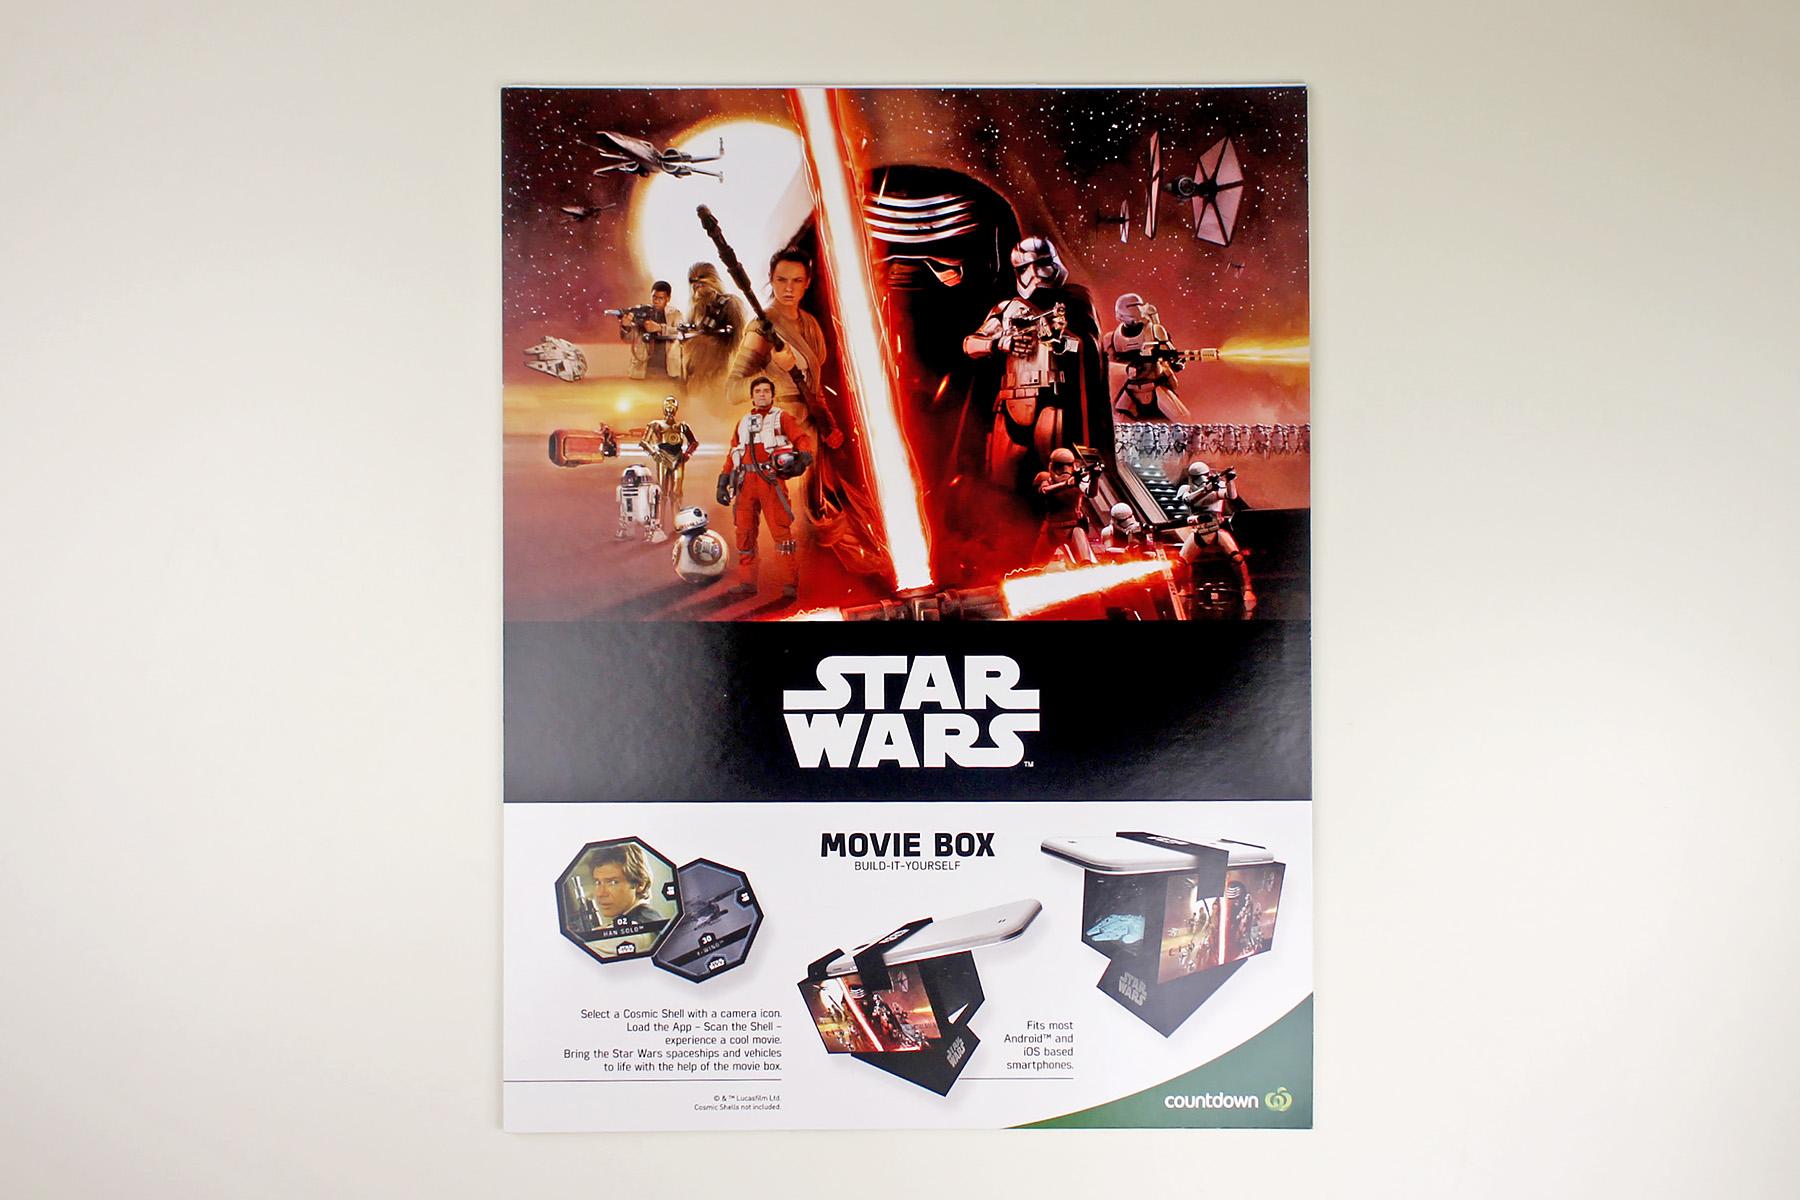 Countdown Cosmic Shells Movie Box Swnz Star Wars New